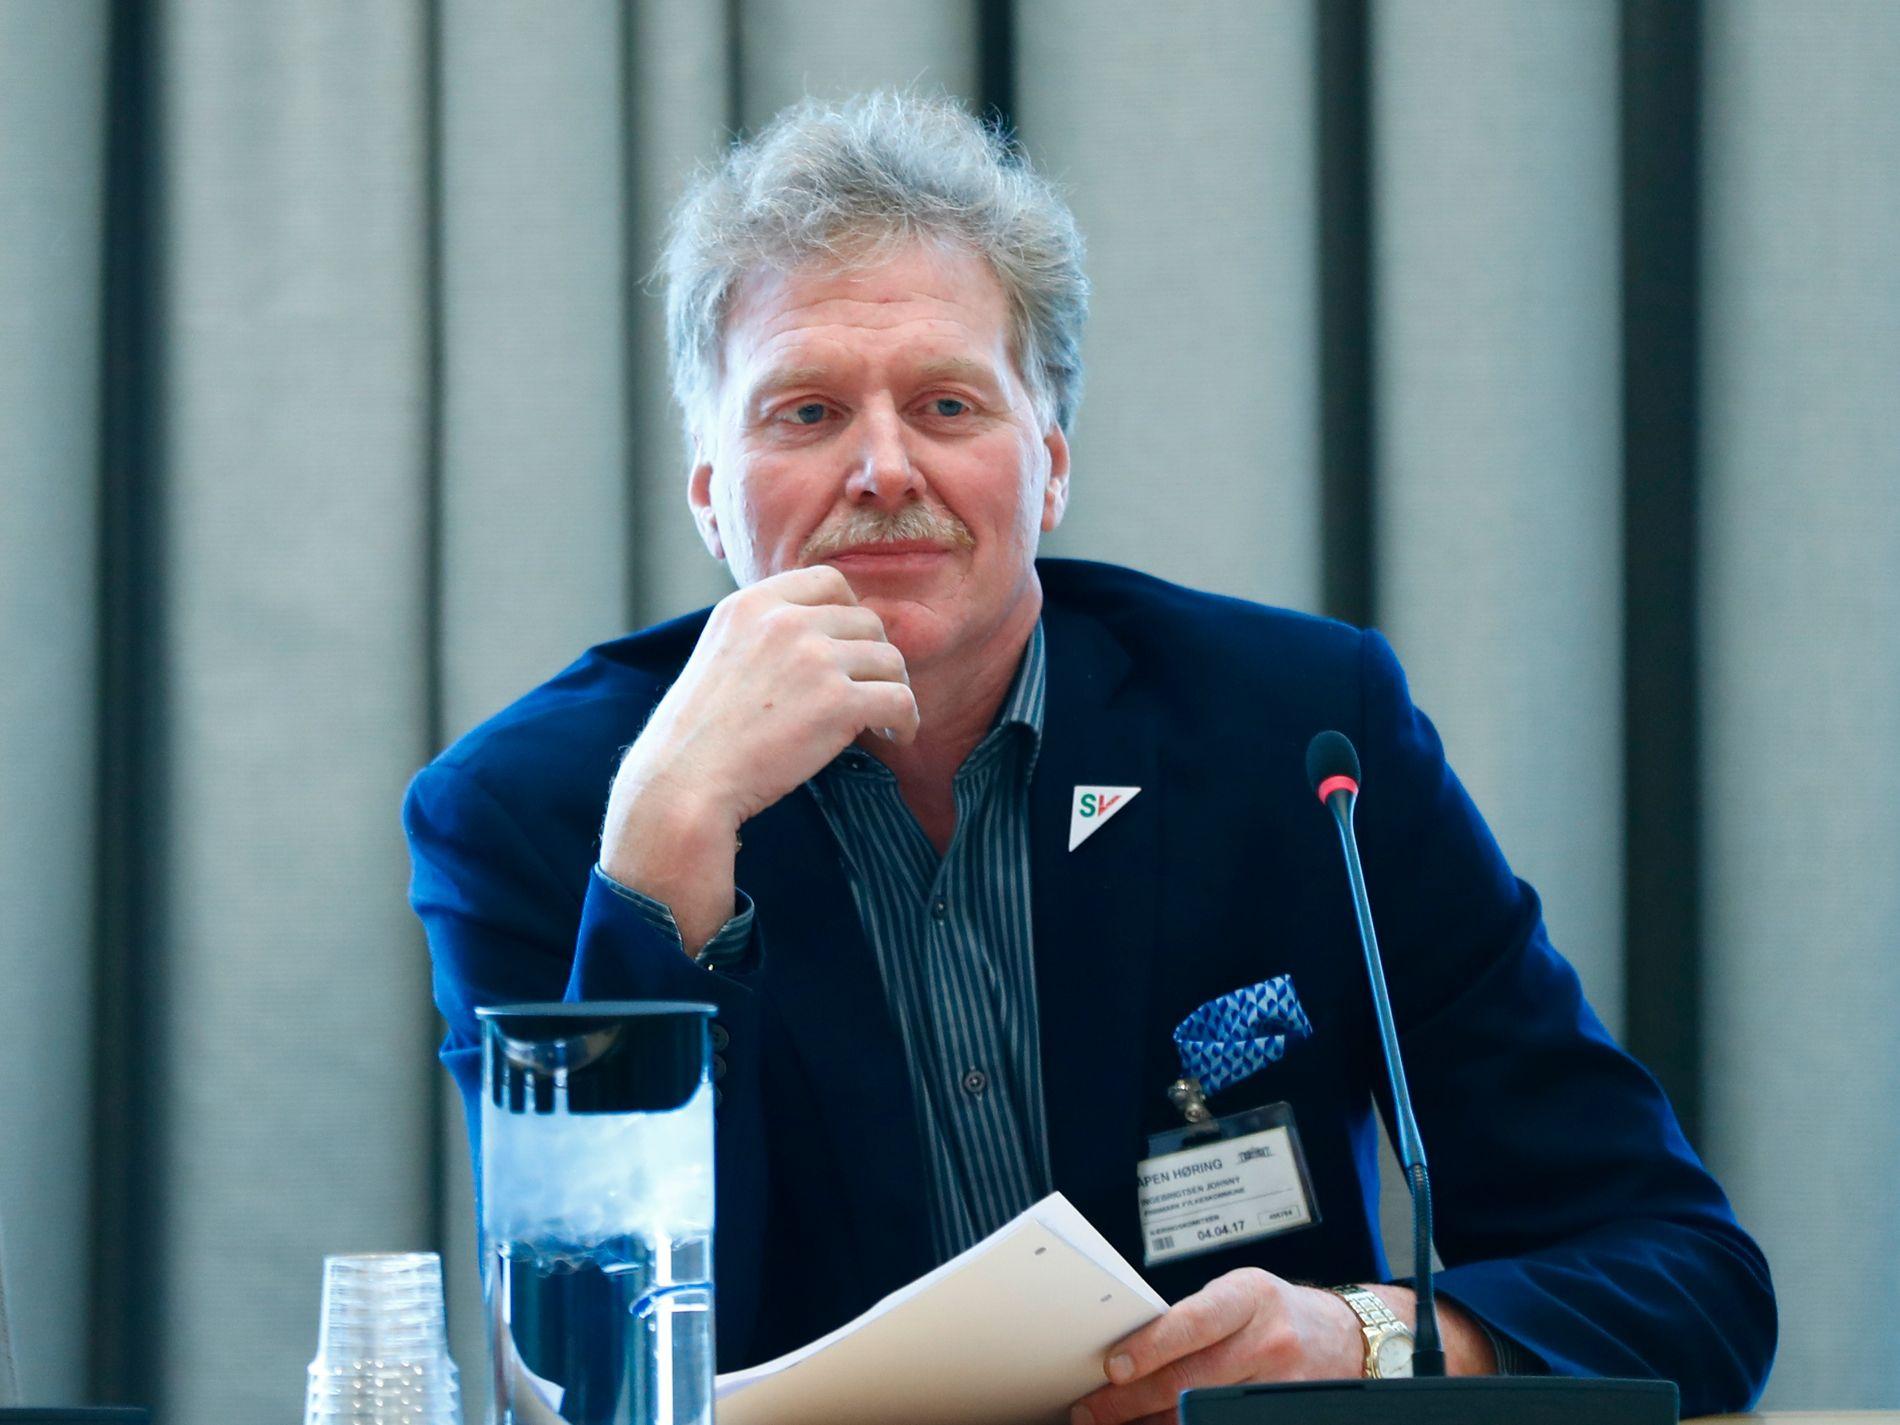 DØMT: Johnny Ingebrigtsen er i Hammerfest tingrett dømt for miljøkriminalitet.